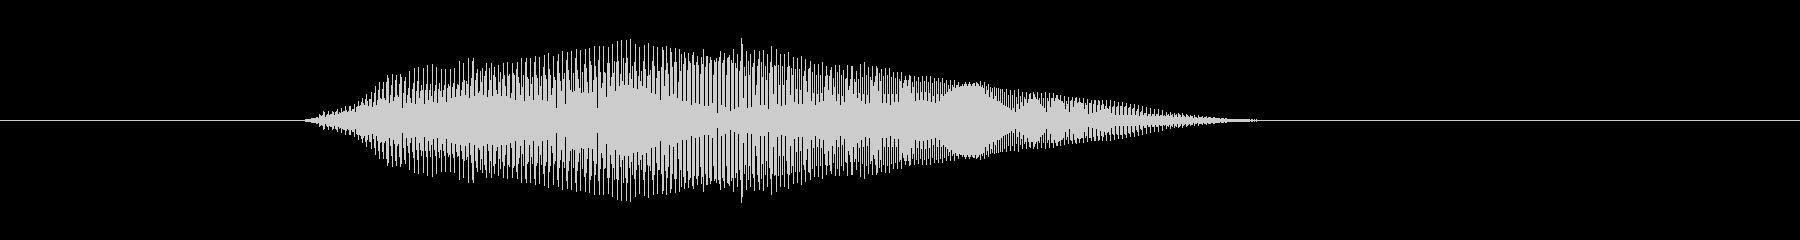 ニャン!の未再生の波形